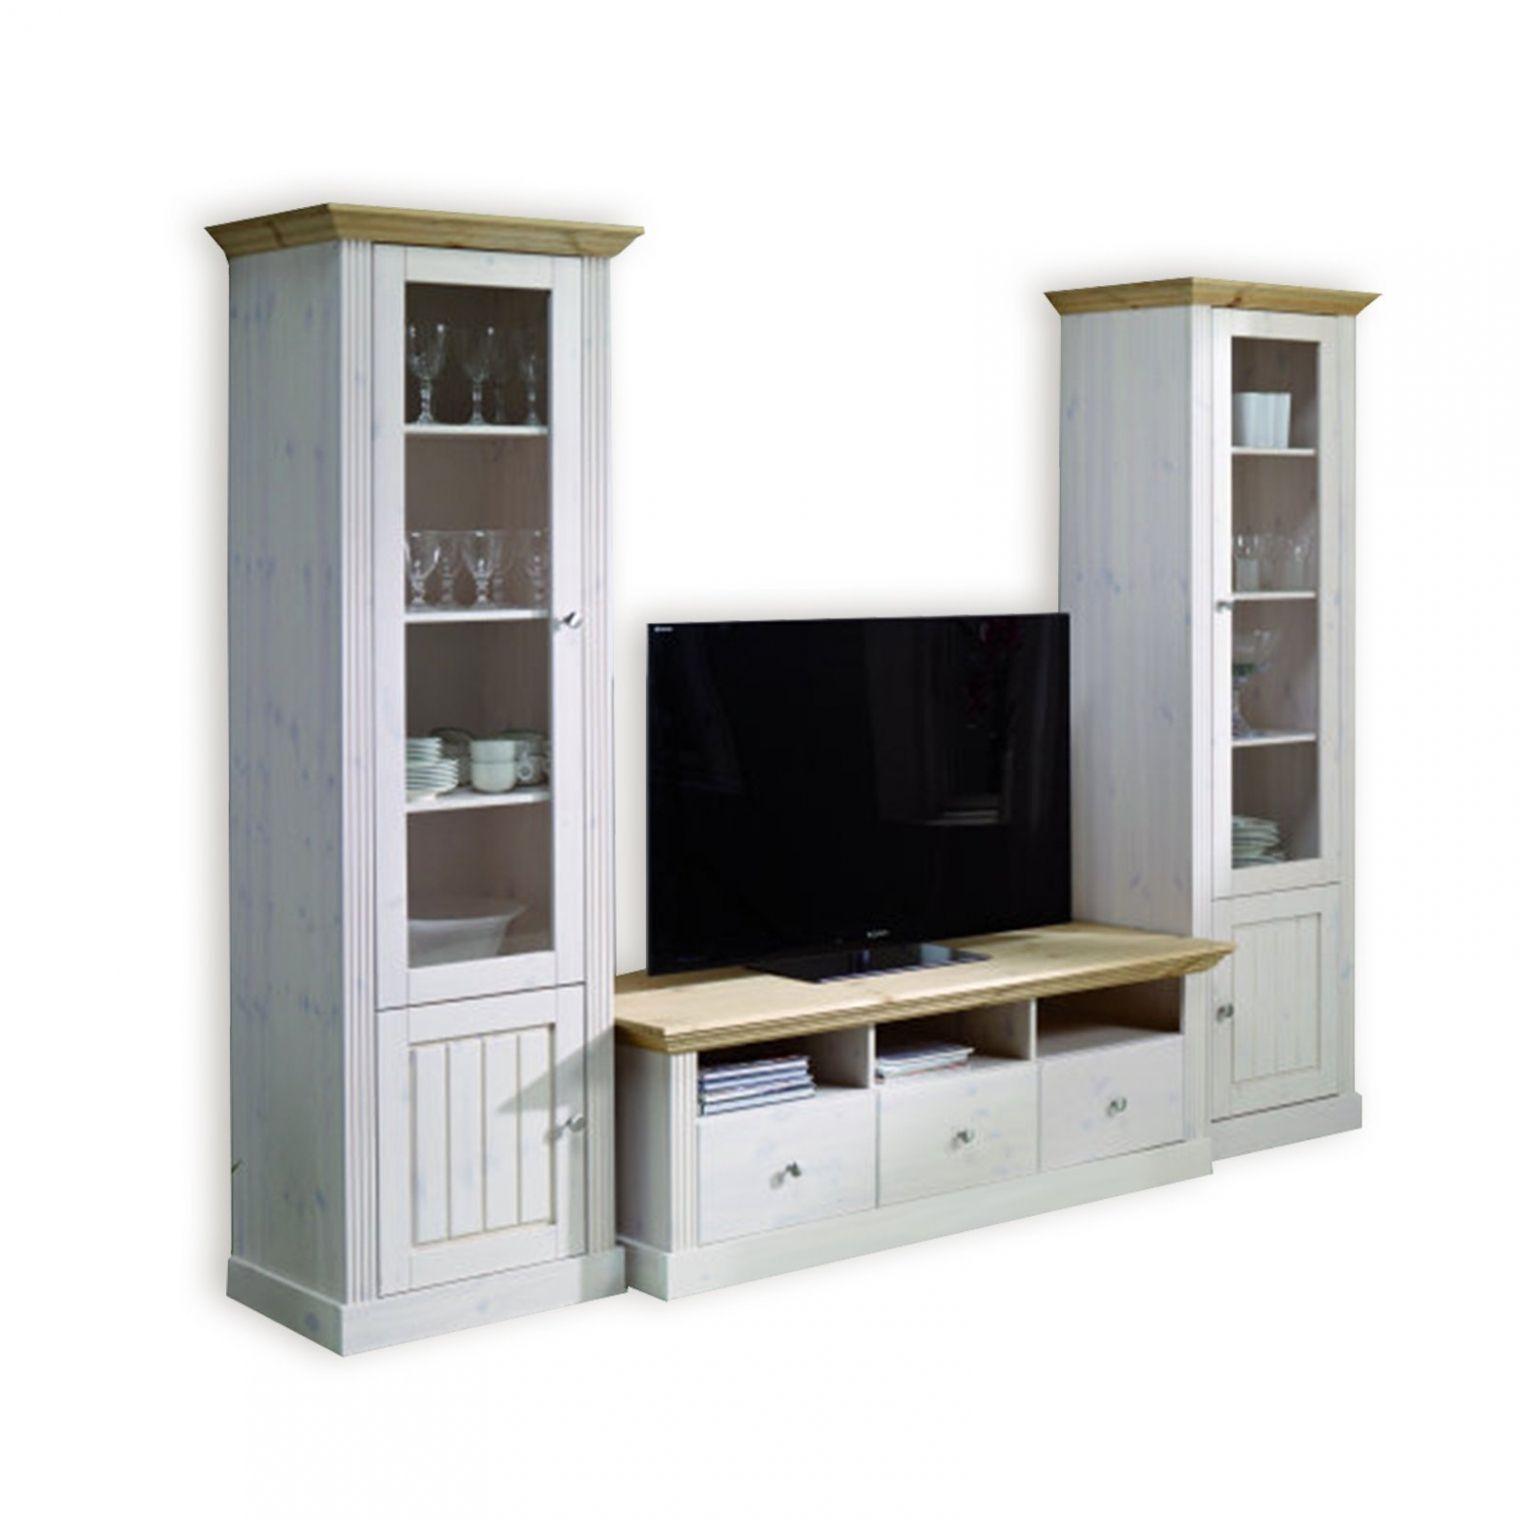 Brillant Wohnzimmerschrank Landhausstil Gebraucht  Wohnwand weiss